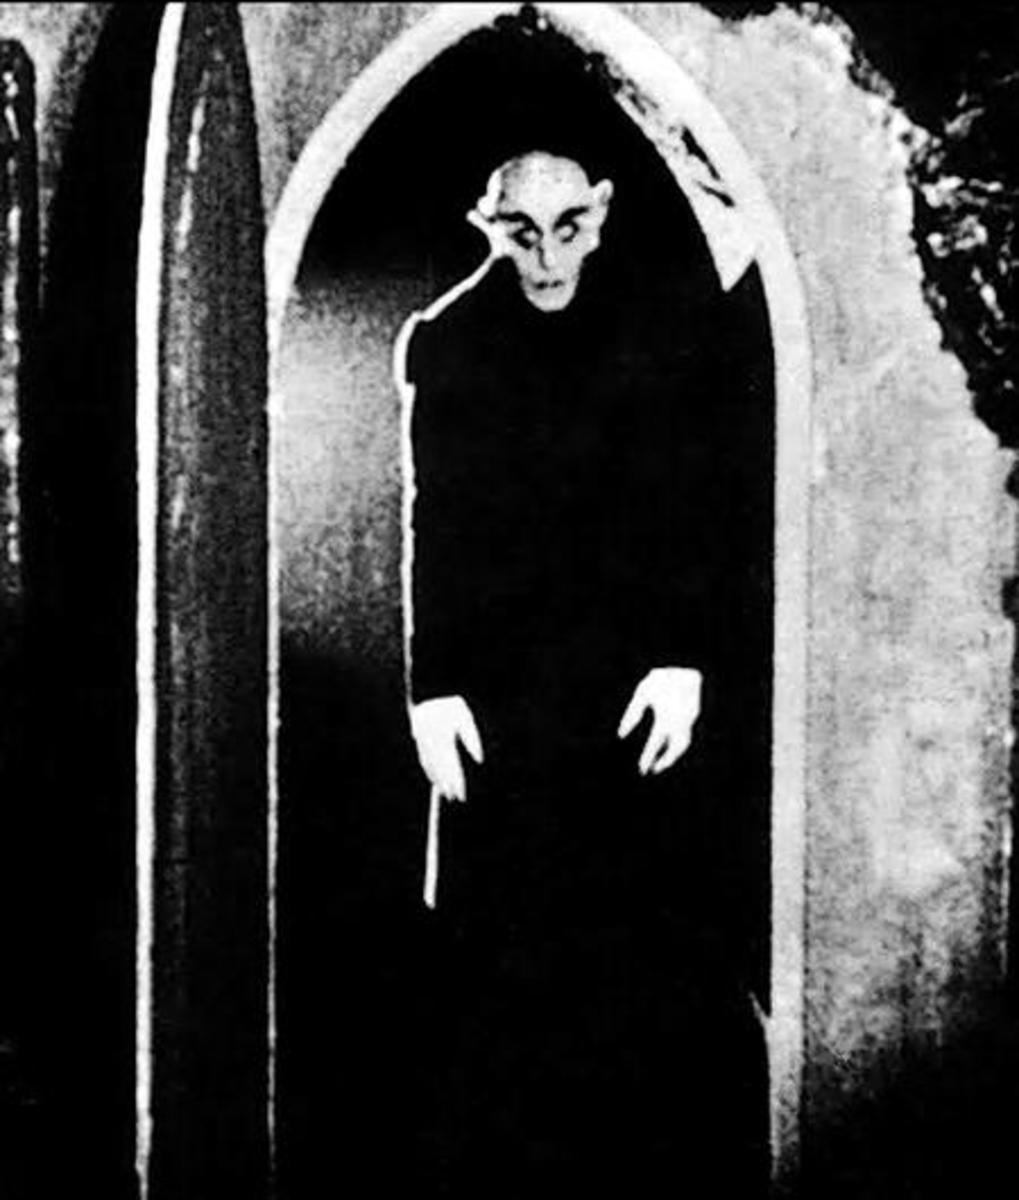 Nosferatu - the classic vampire at his cinematic creepiest